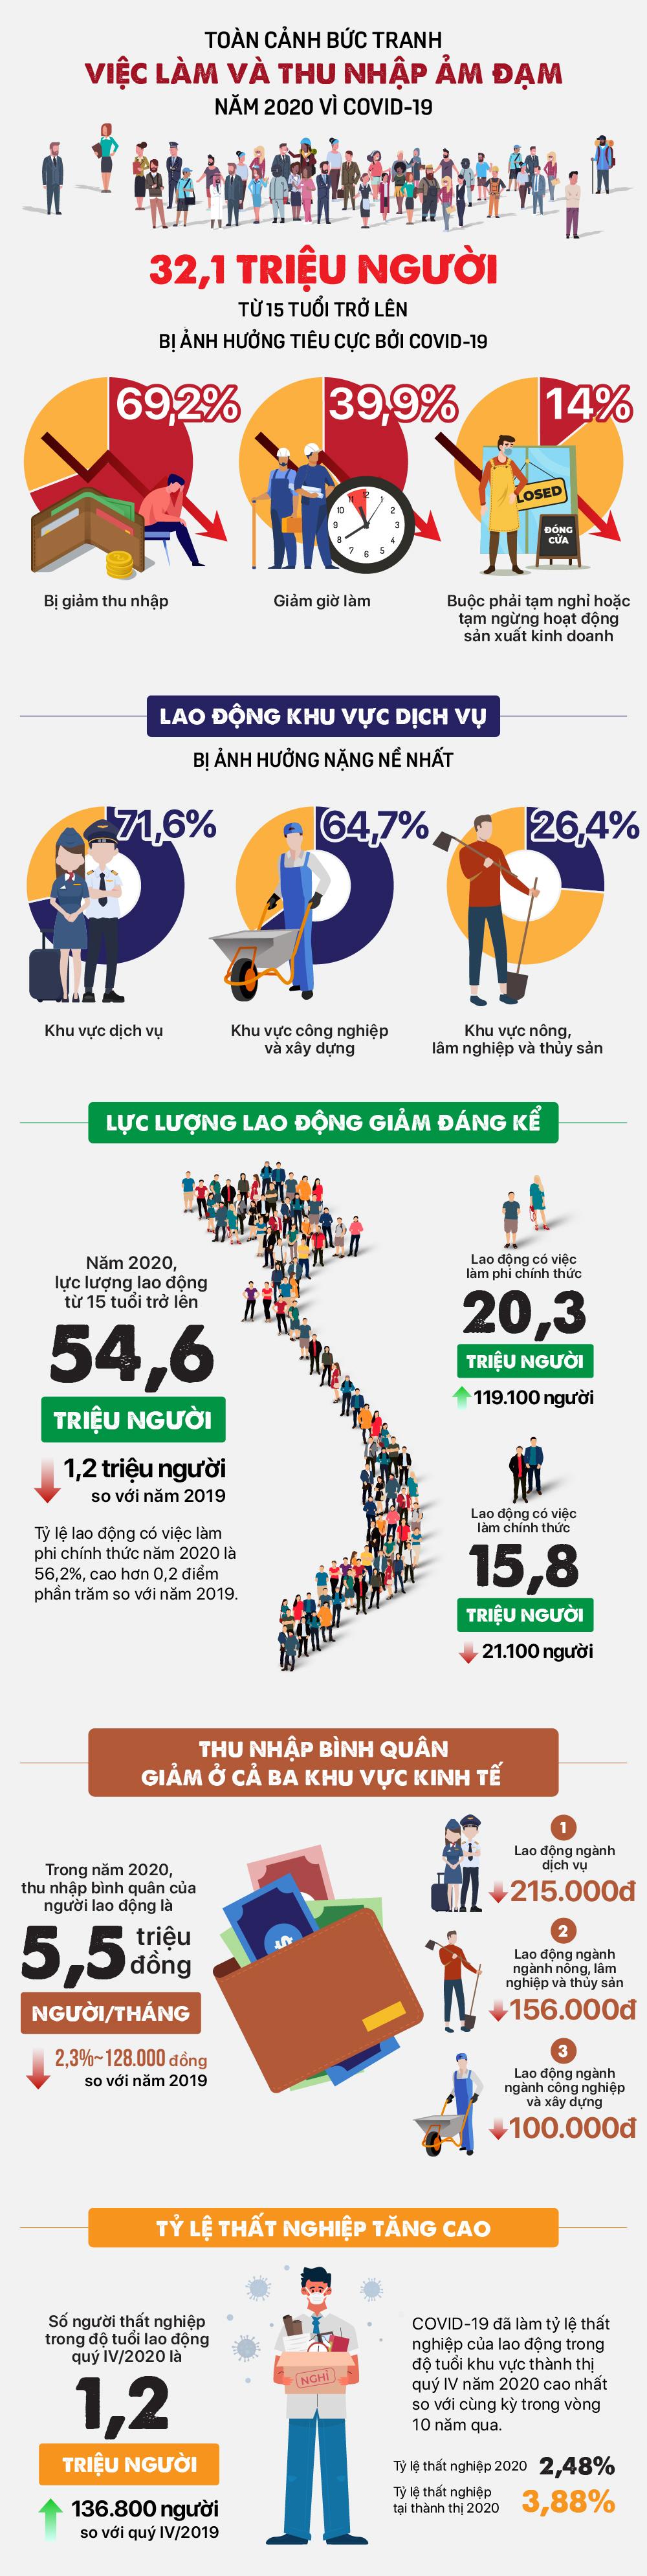 Toàn cảnh bức tranh việc làm và thu nhập ảm đạm năm 2020 vì COVID-19 - Ảnh 1.